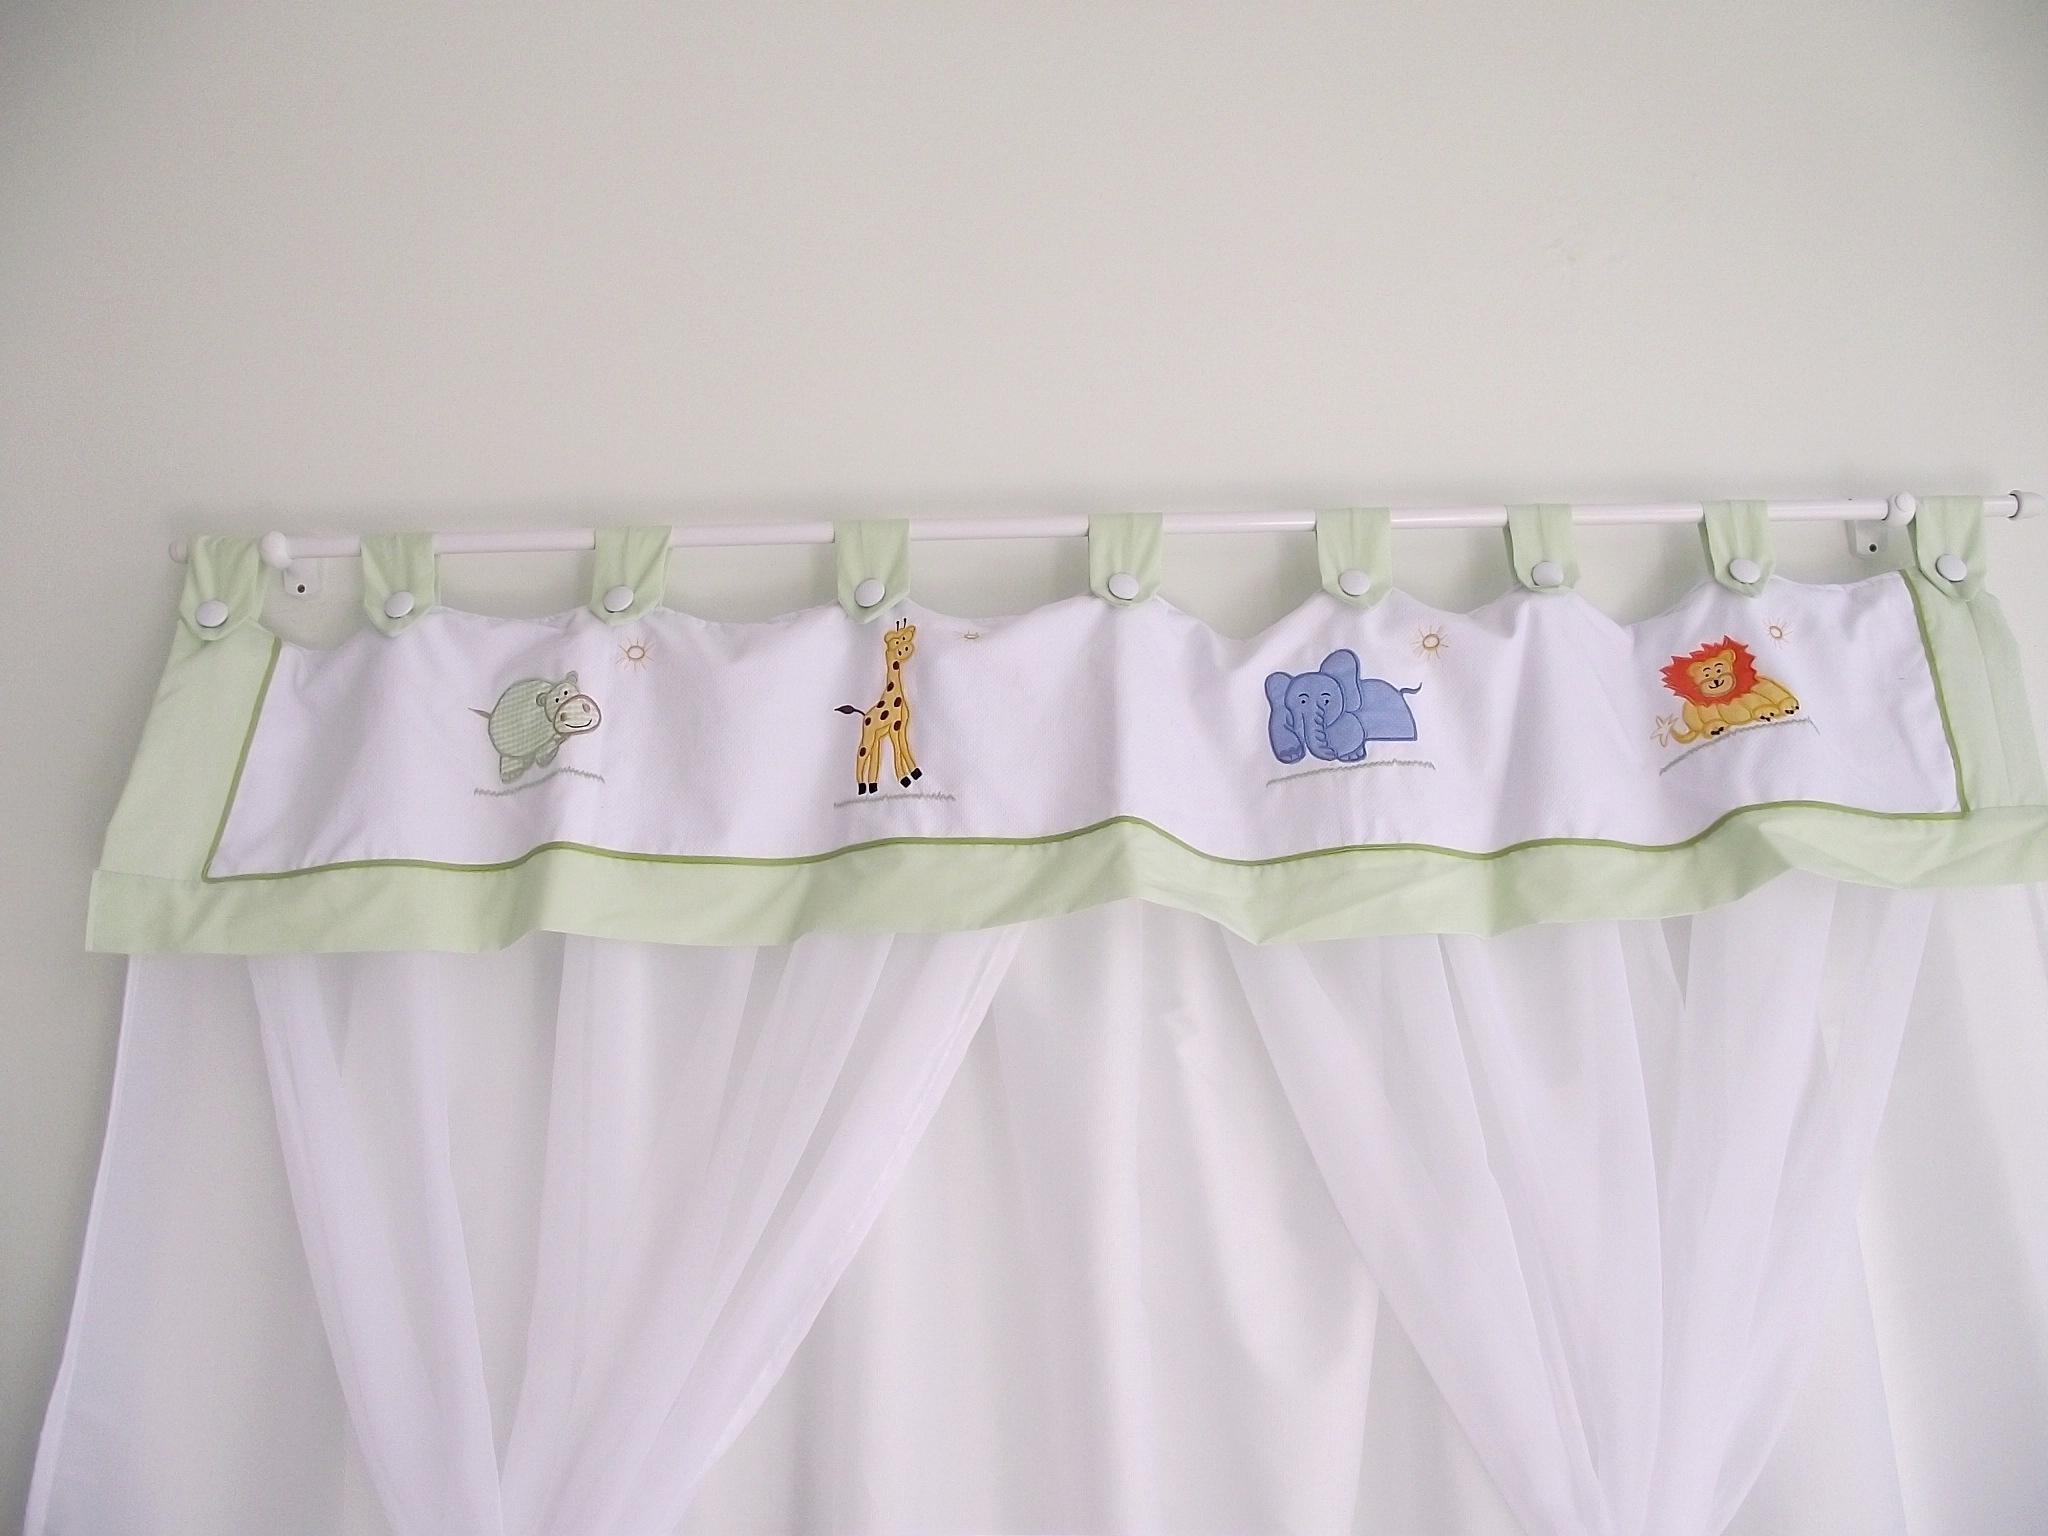 Cortinas Sonho De Beb Enxovais Elo7 ~ Tipos De Cortinas Para Quarto E Quarto De Bebê Decoração